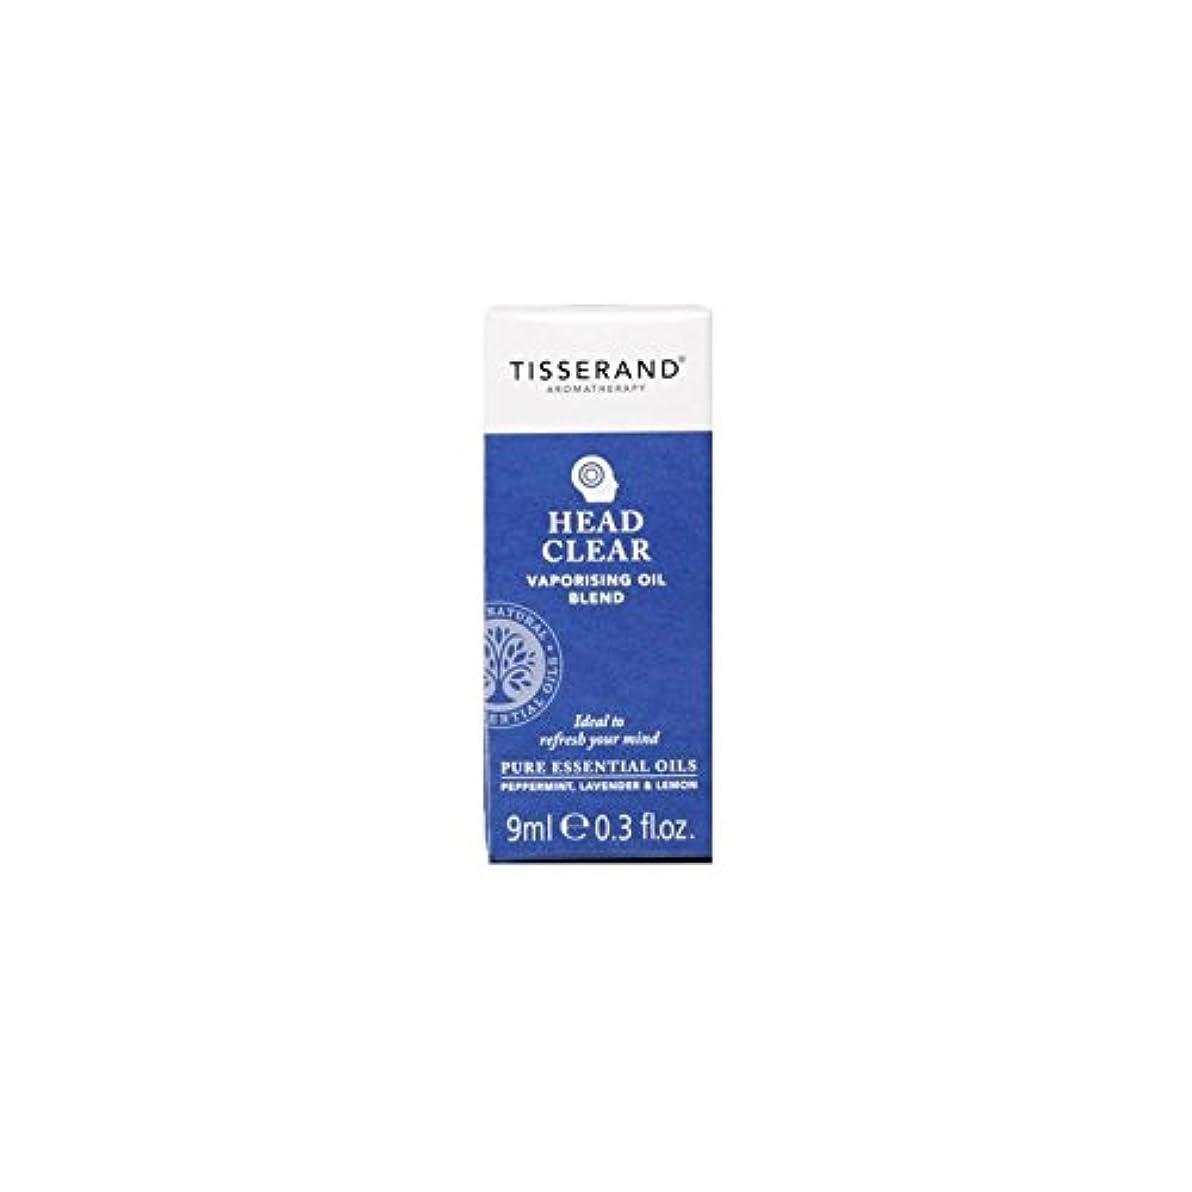 グラマーエージェント折ヘッド明確な気化油の9ミリリットル (Tisserand) (x 2) - Tisserand Head Clear Vaporising Oil 9ml (Pack of 2) [並行輸入品]